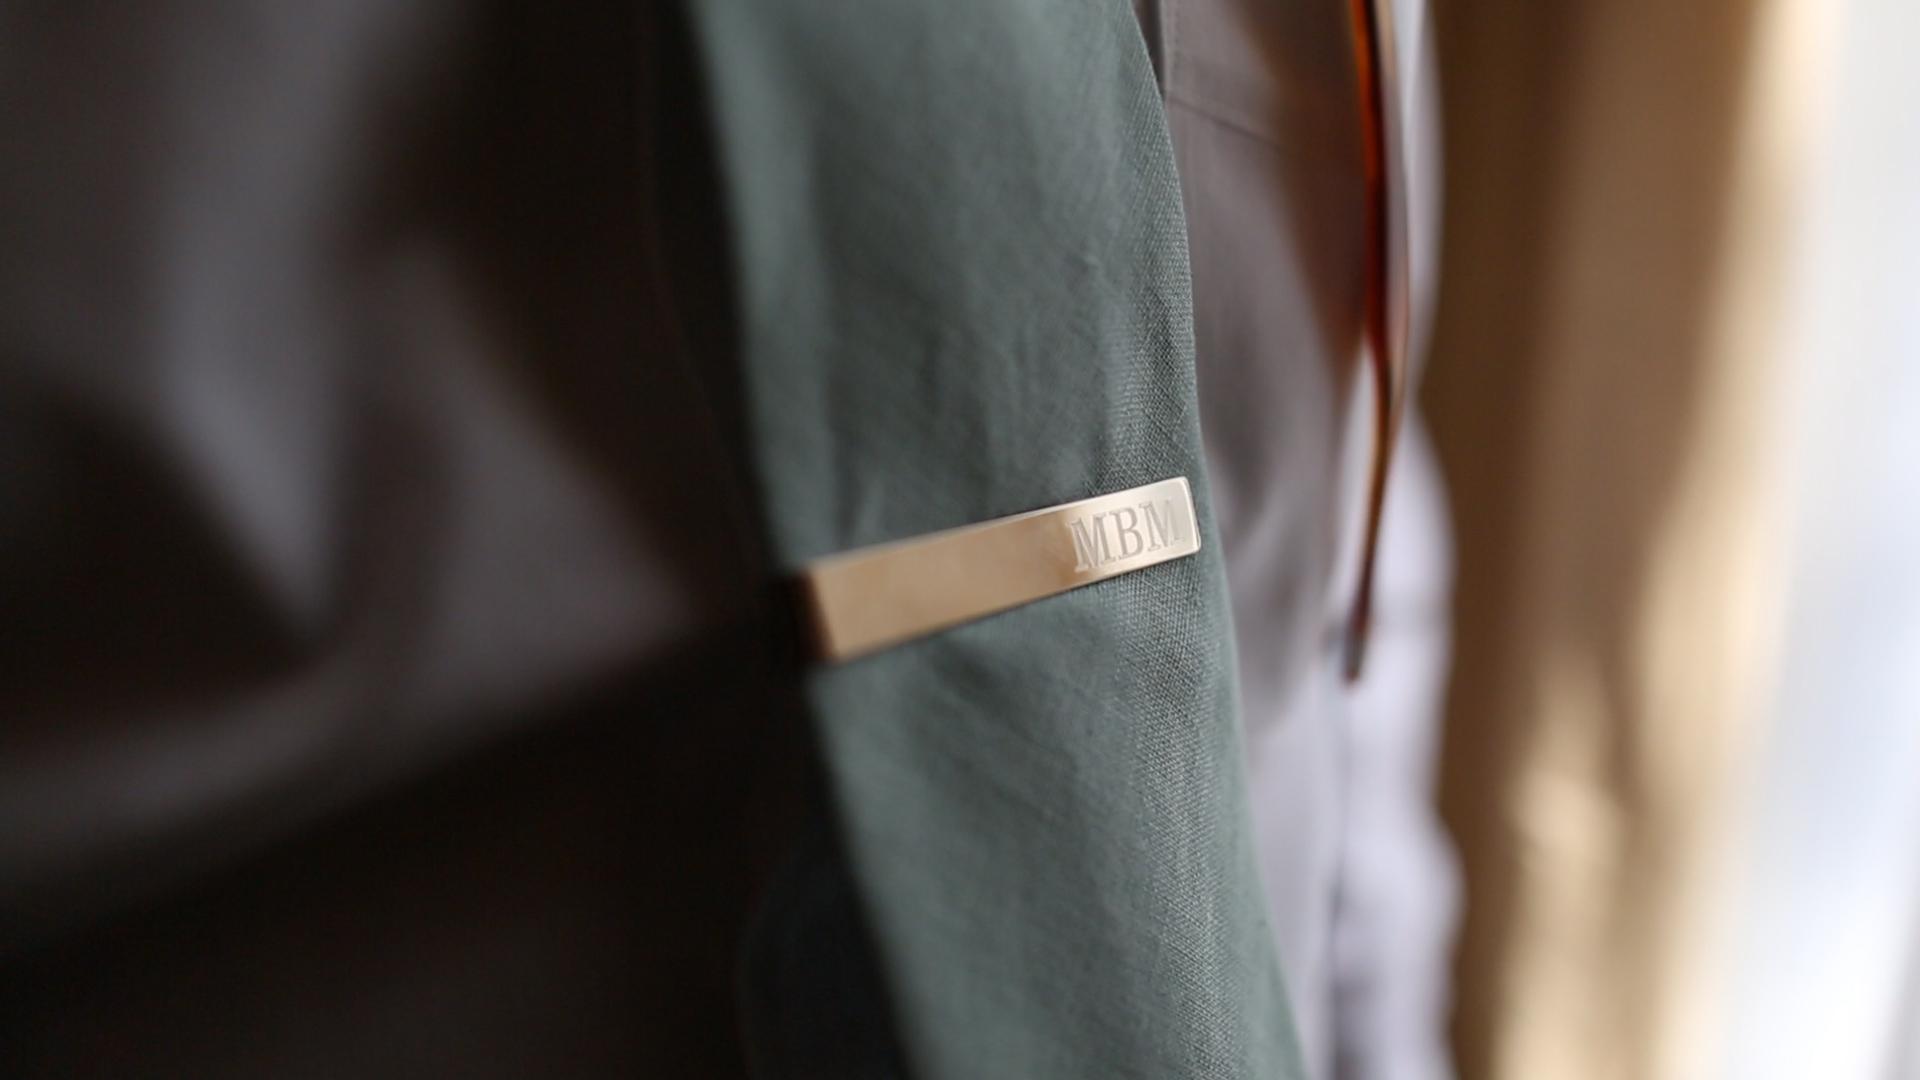 Tie Clip - Bride Film